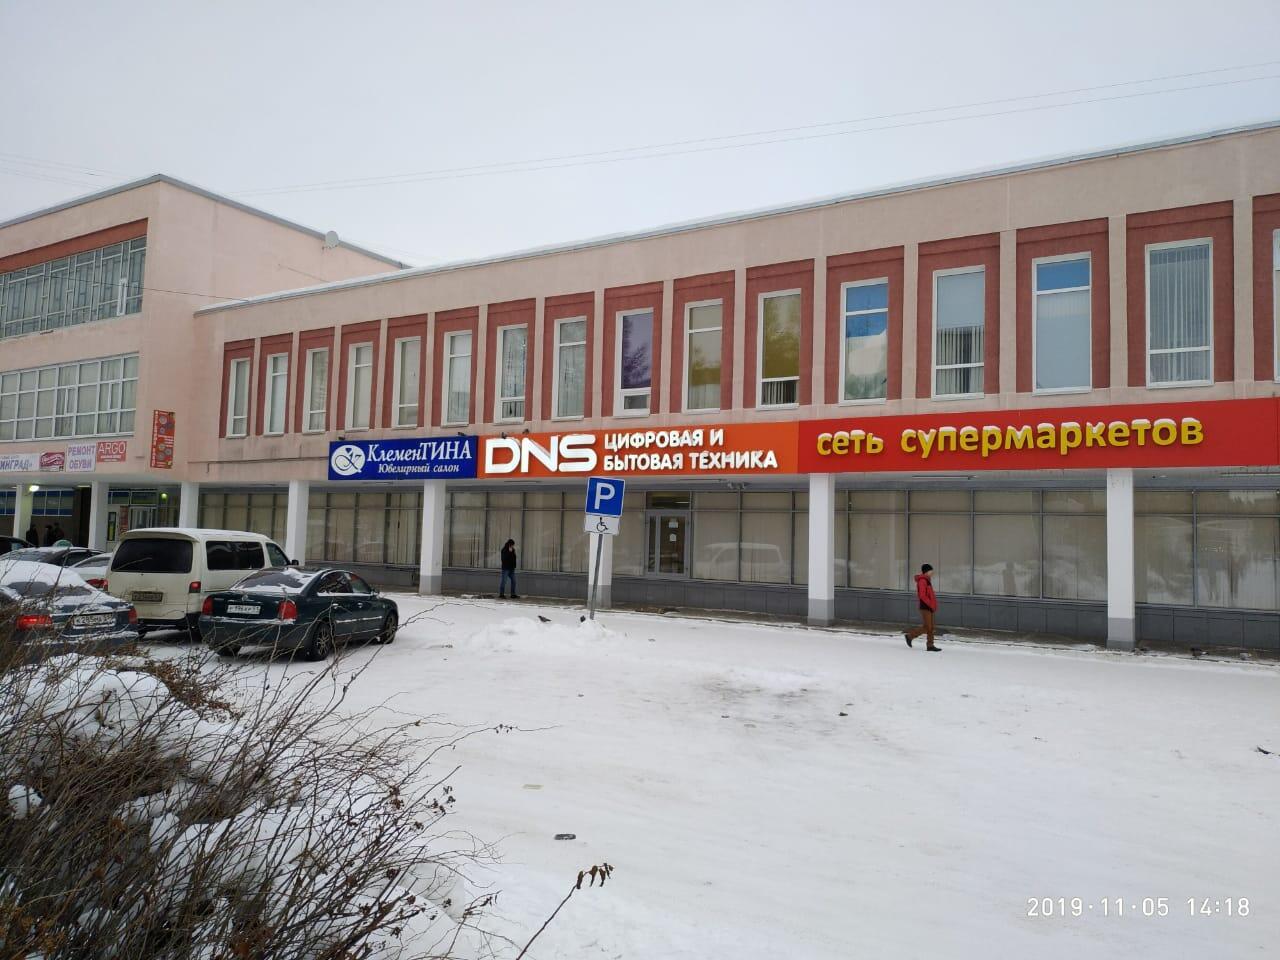 Днс Оленегорск Каталог Товаров В Наличии Магазина